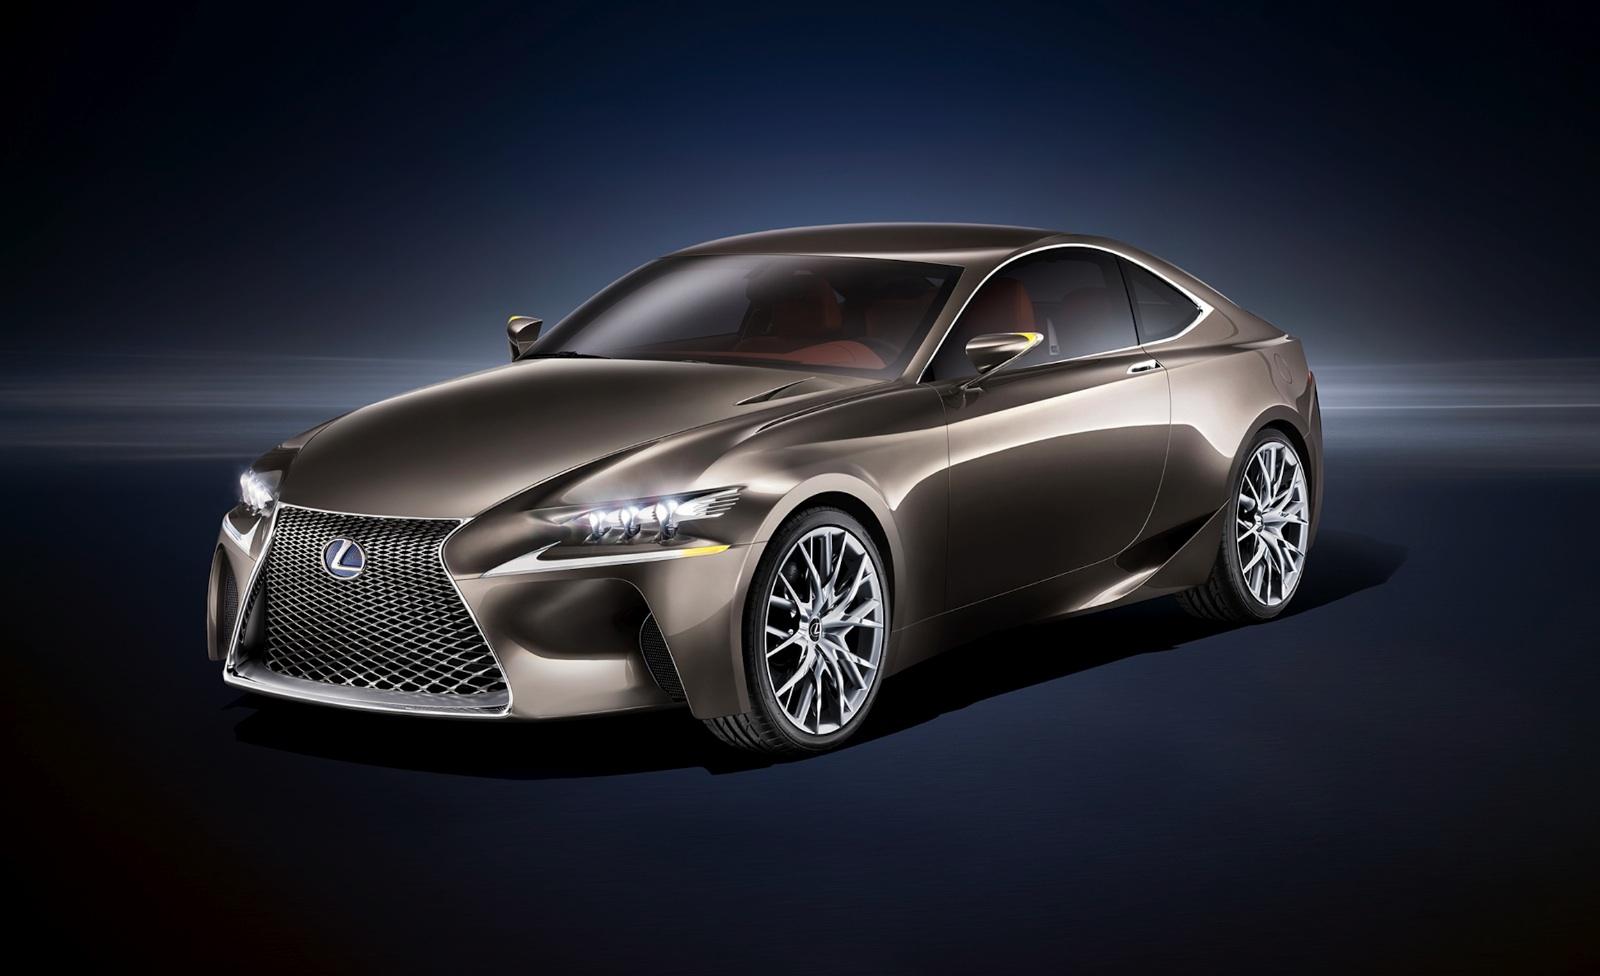 https://s1.cdn.autoevolution.com/images/news/lexus-lf-cc-reveals-future-lexus-coupe-in-paris-49491_1.jpg